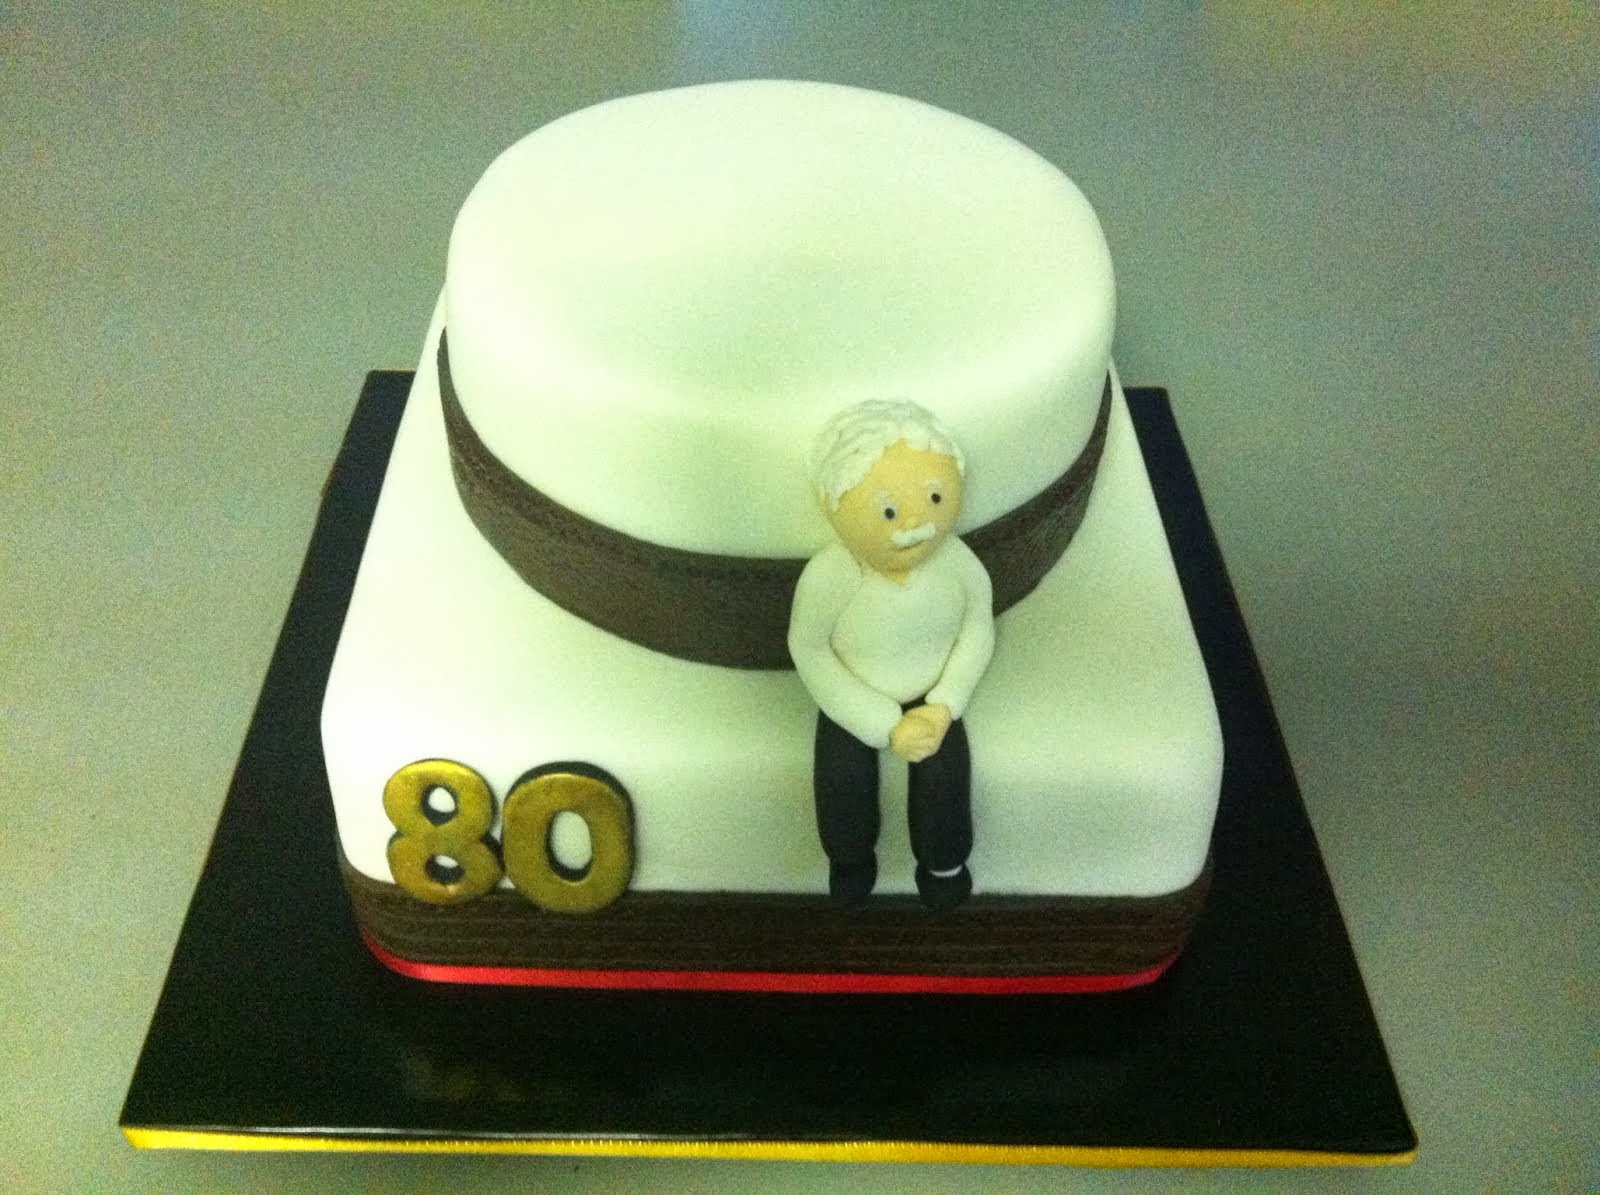 80 Years Birthday Cake